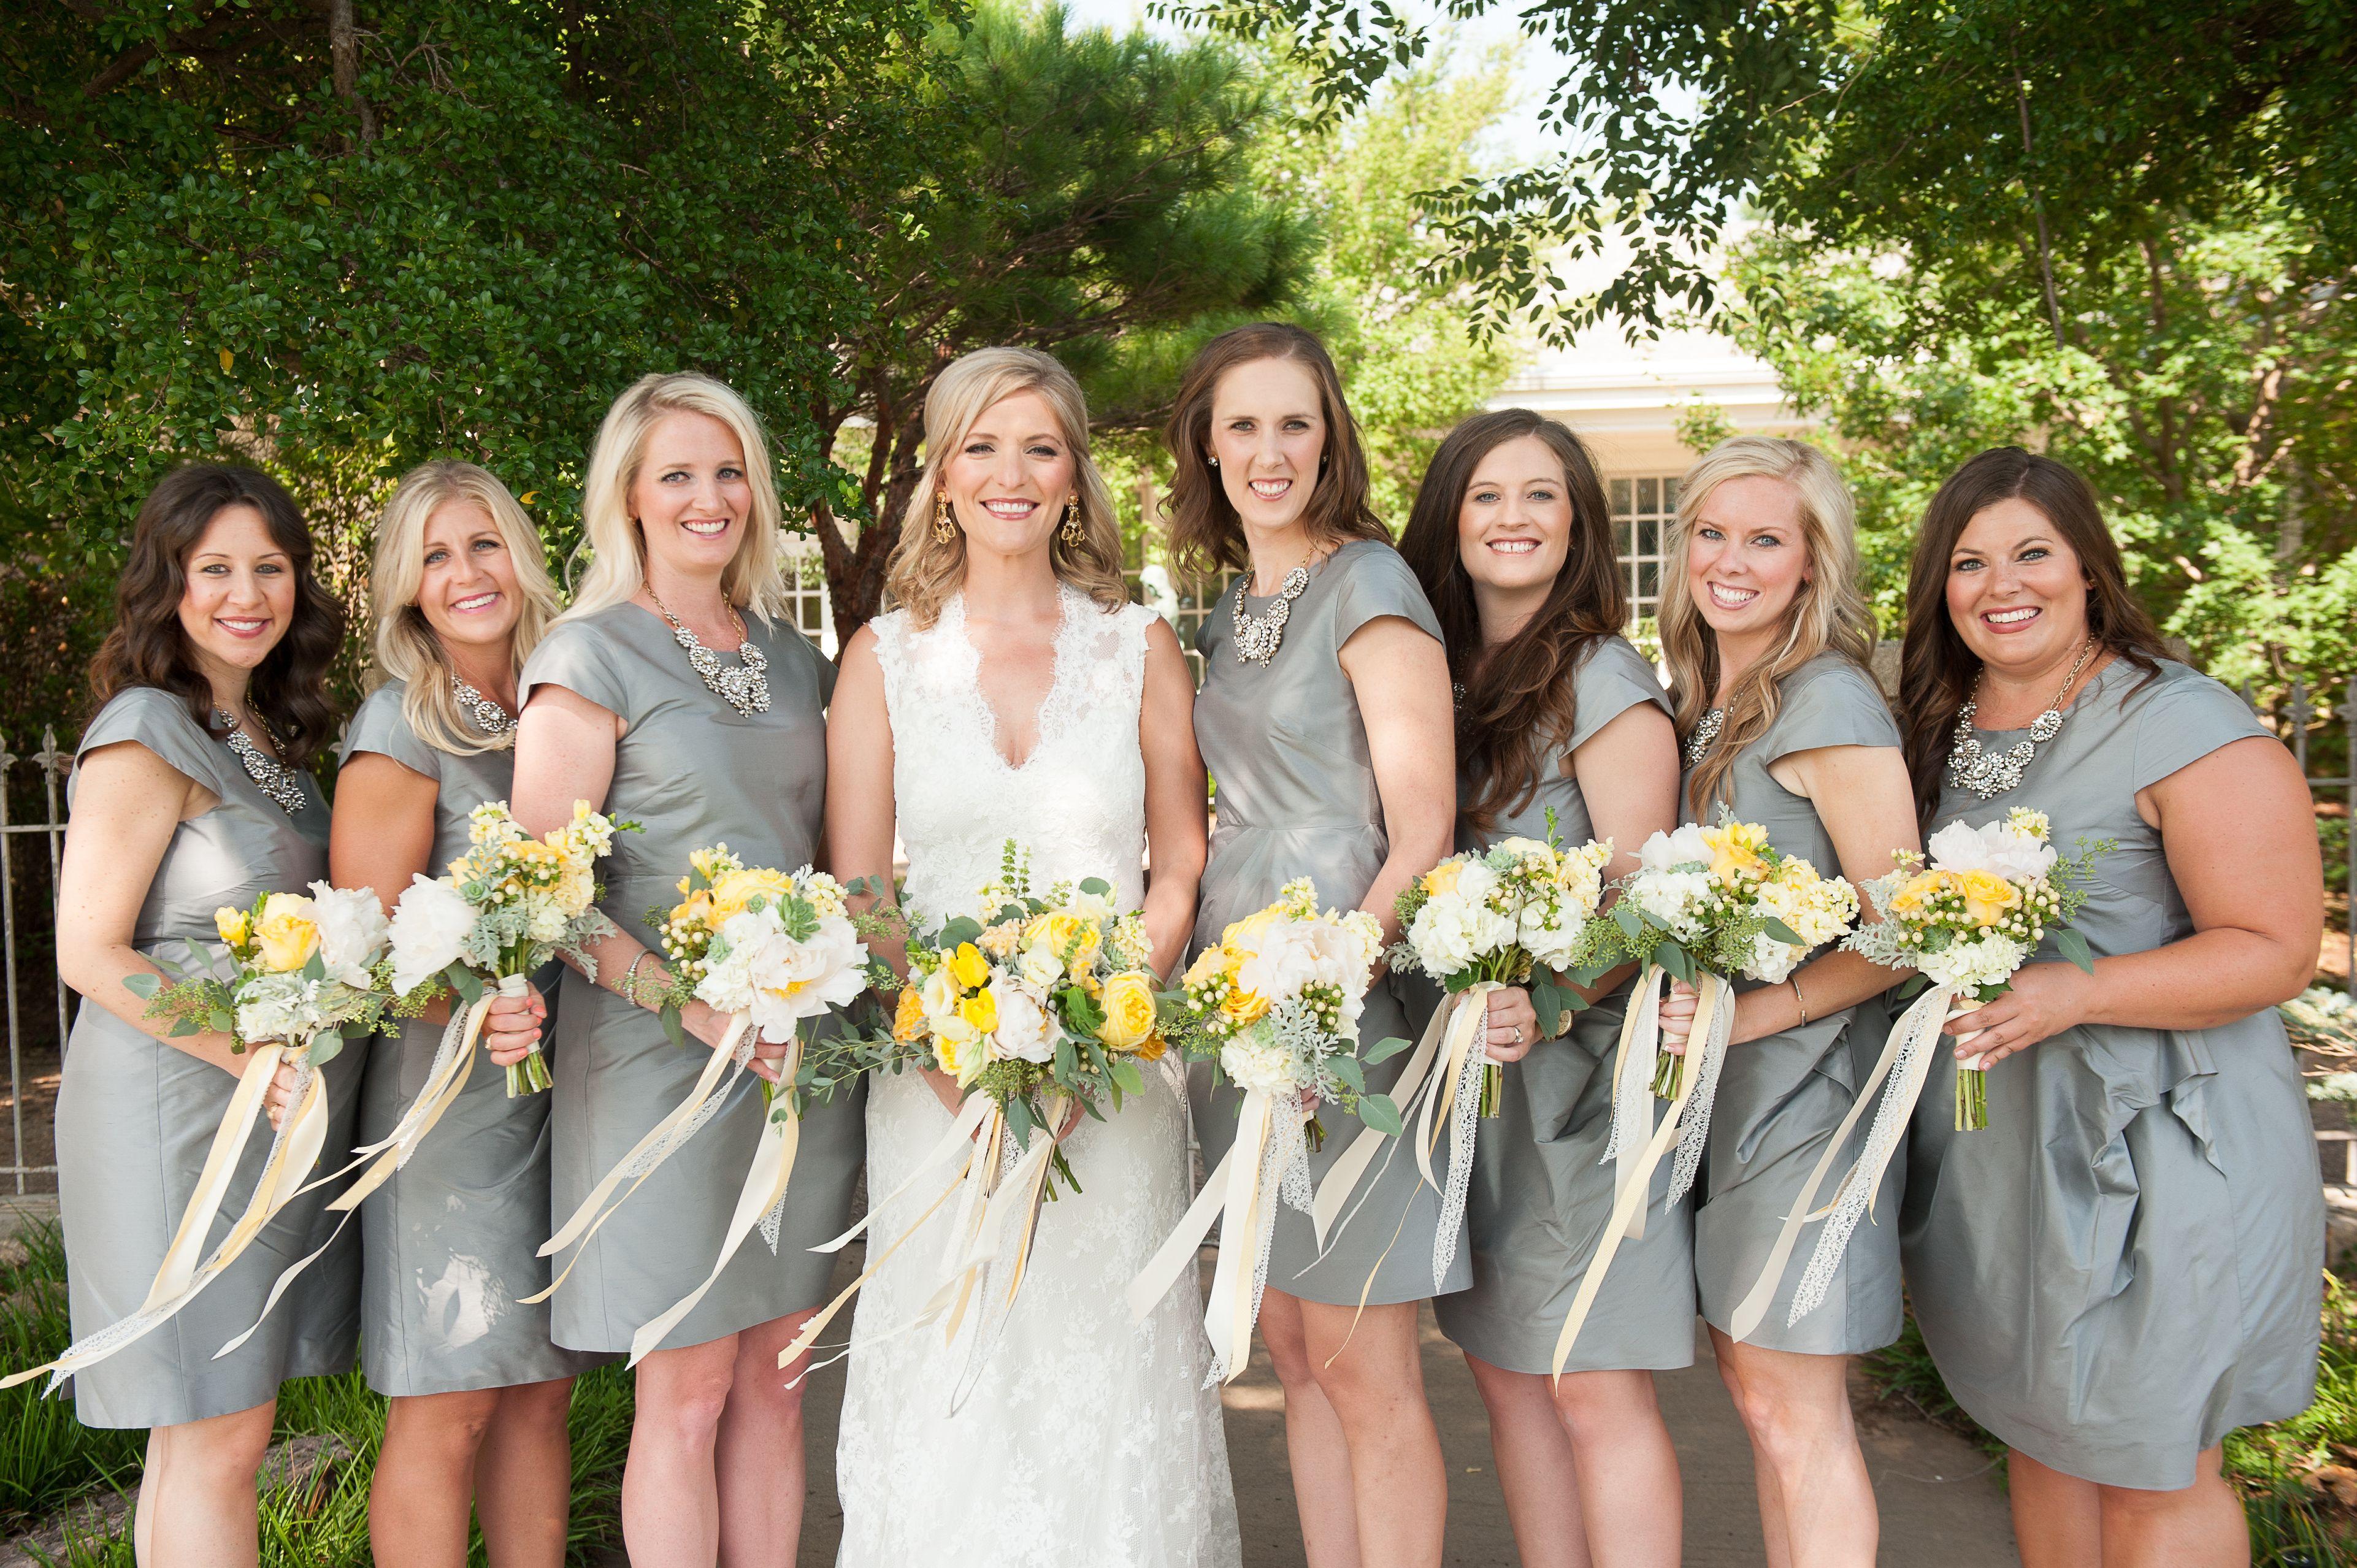 J crew grey shantung cap sleeve bridesmaids dresses are perfect bridesmaid j crew grey shantung cap sleeve bridesmaids dresses ombrellifo Gallery